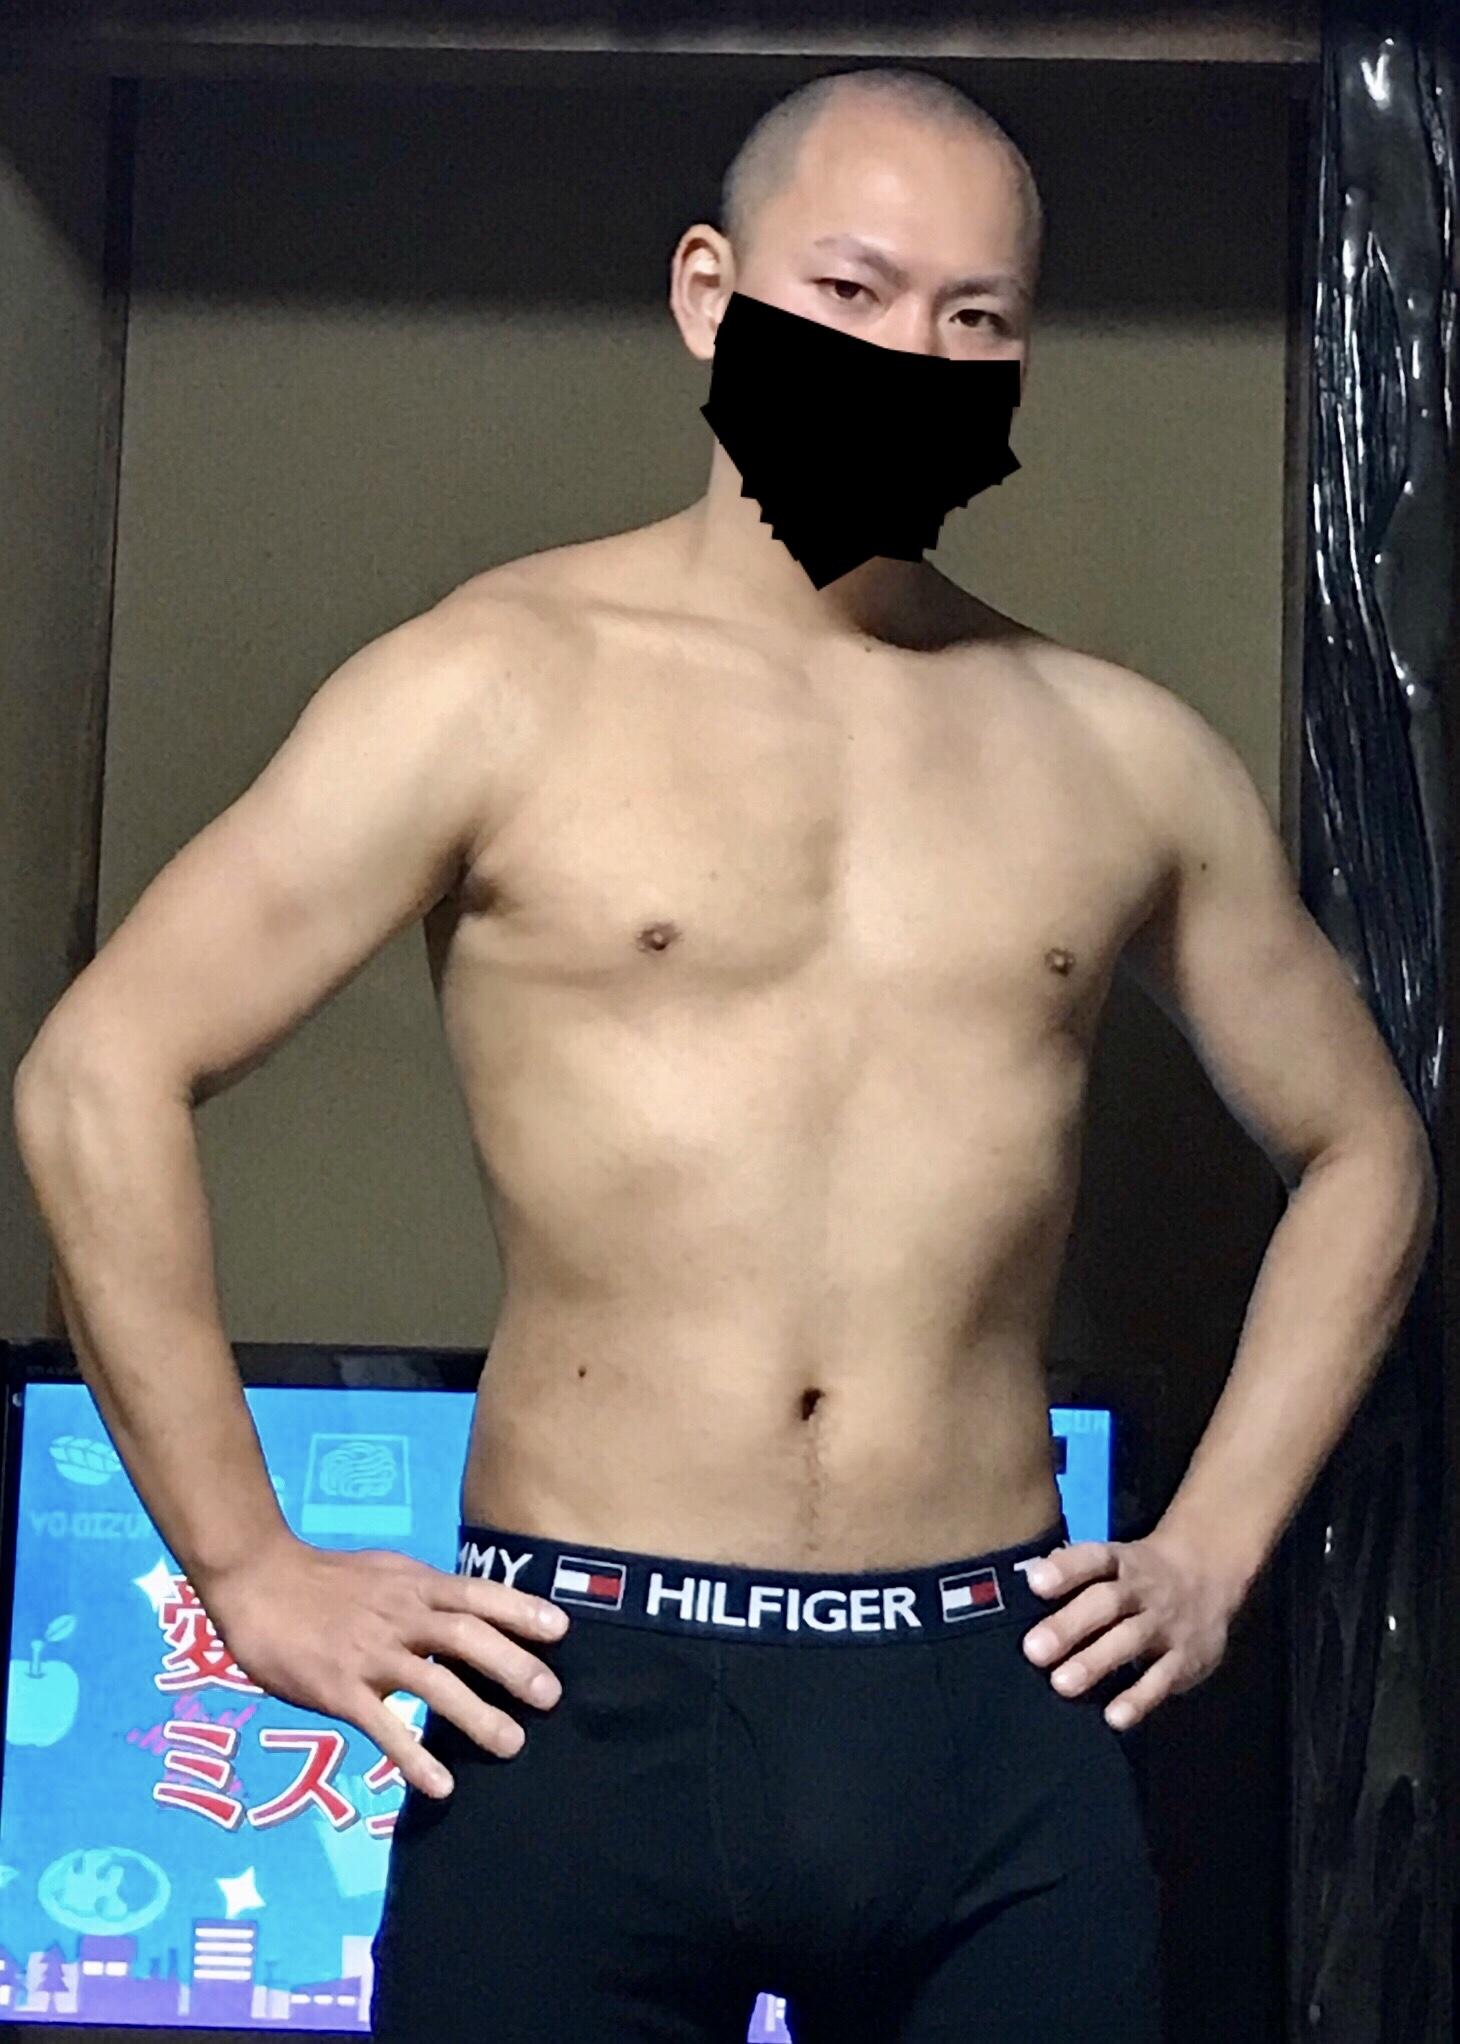 【画像】ベンチプレスMAX70kgワイの肉体wwww